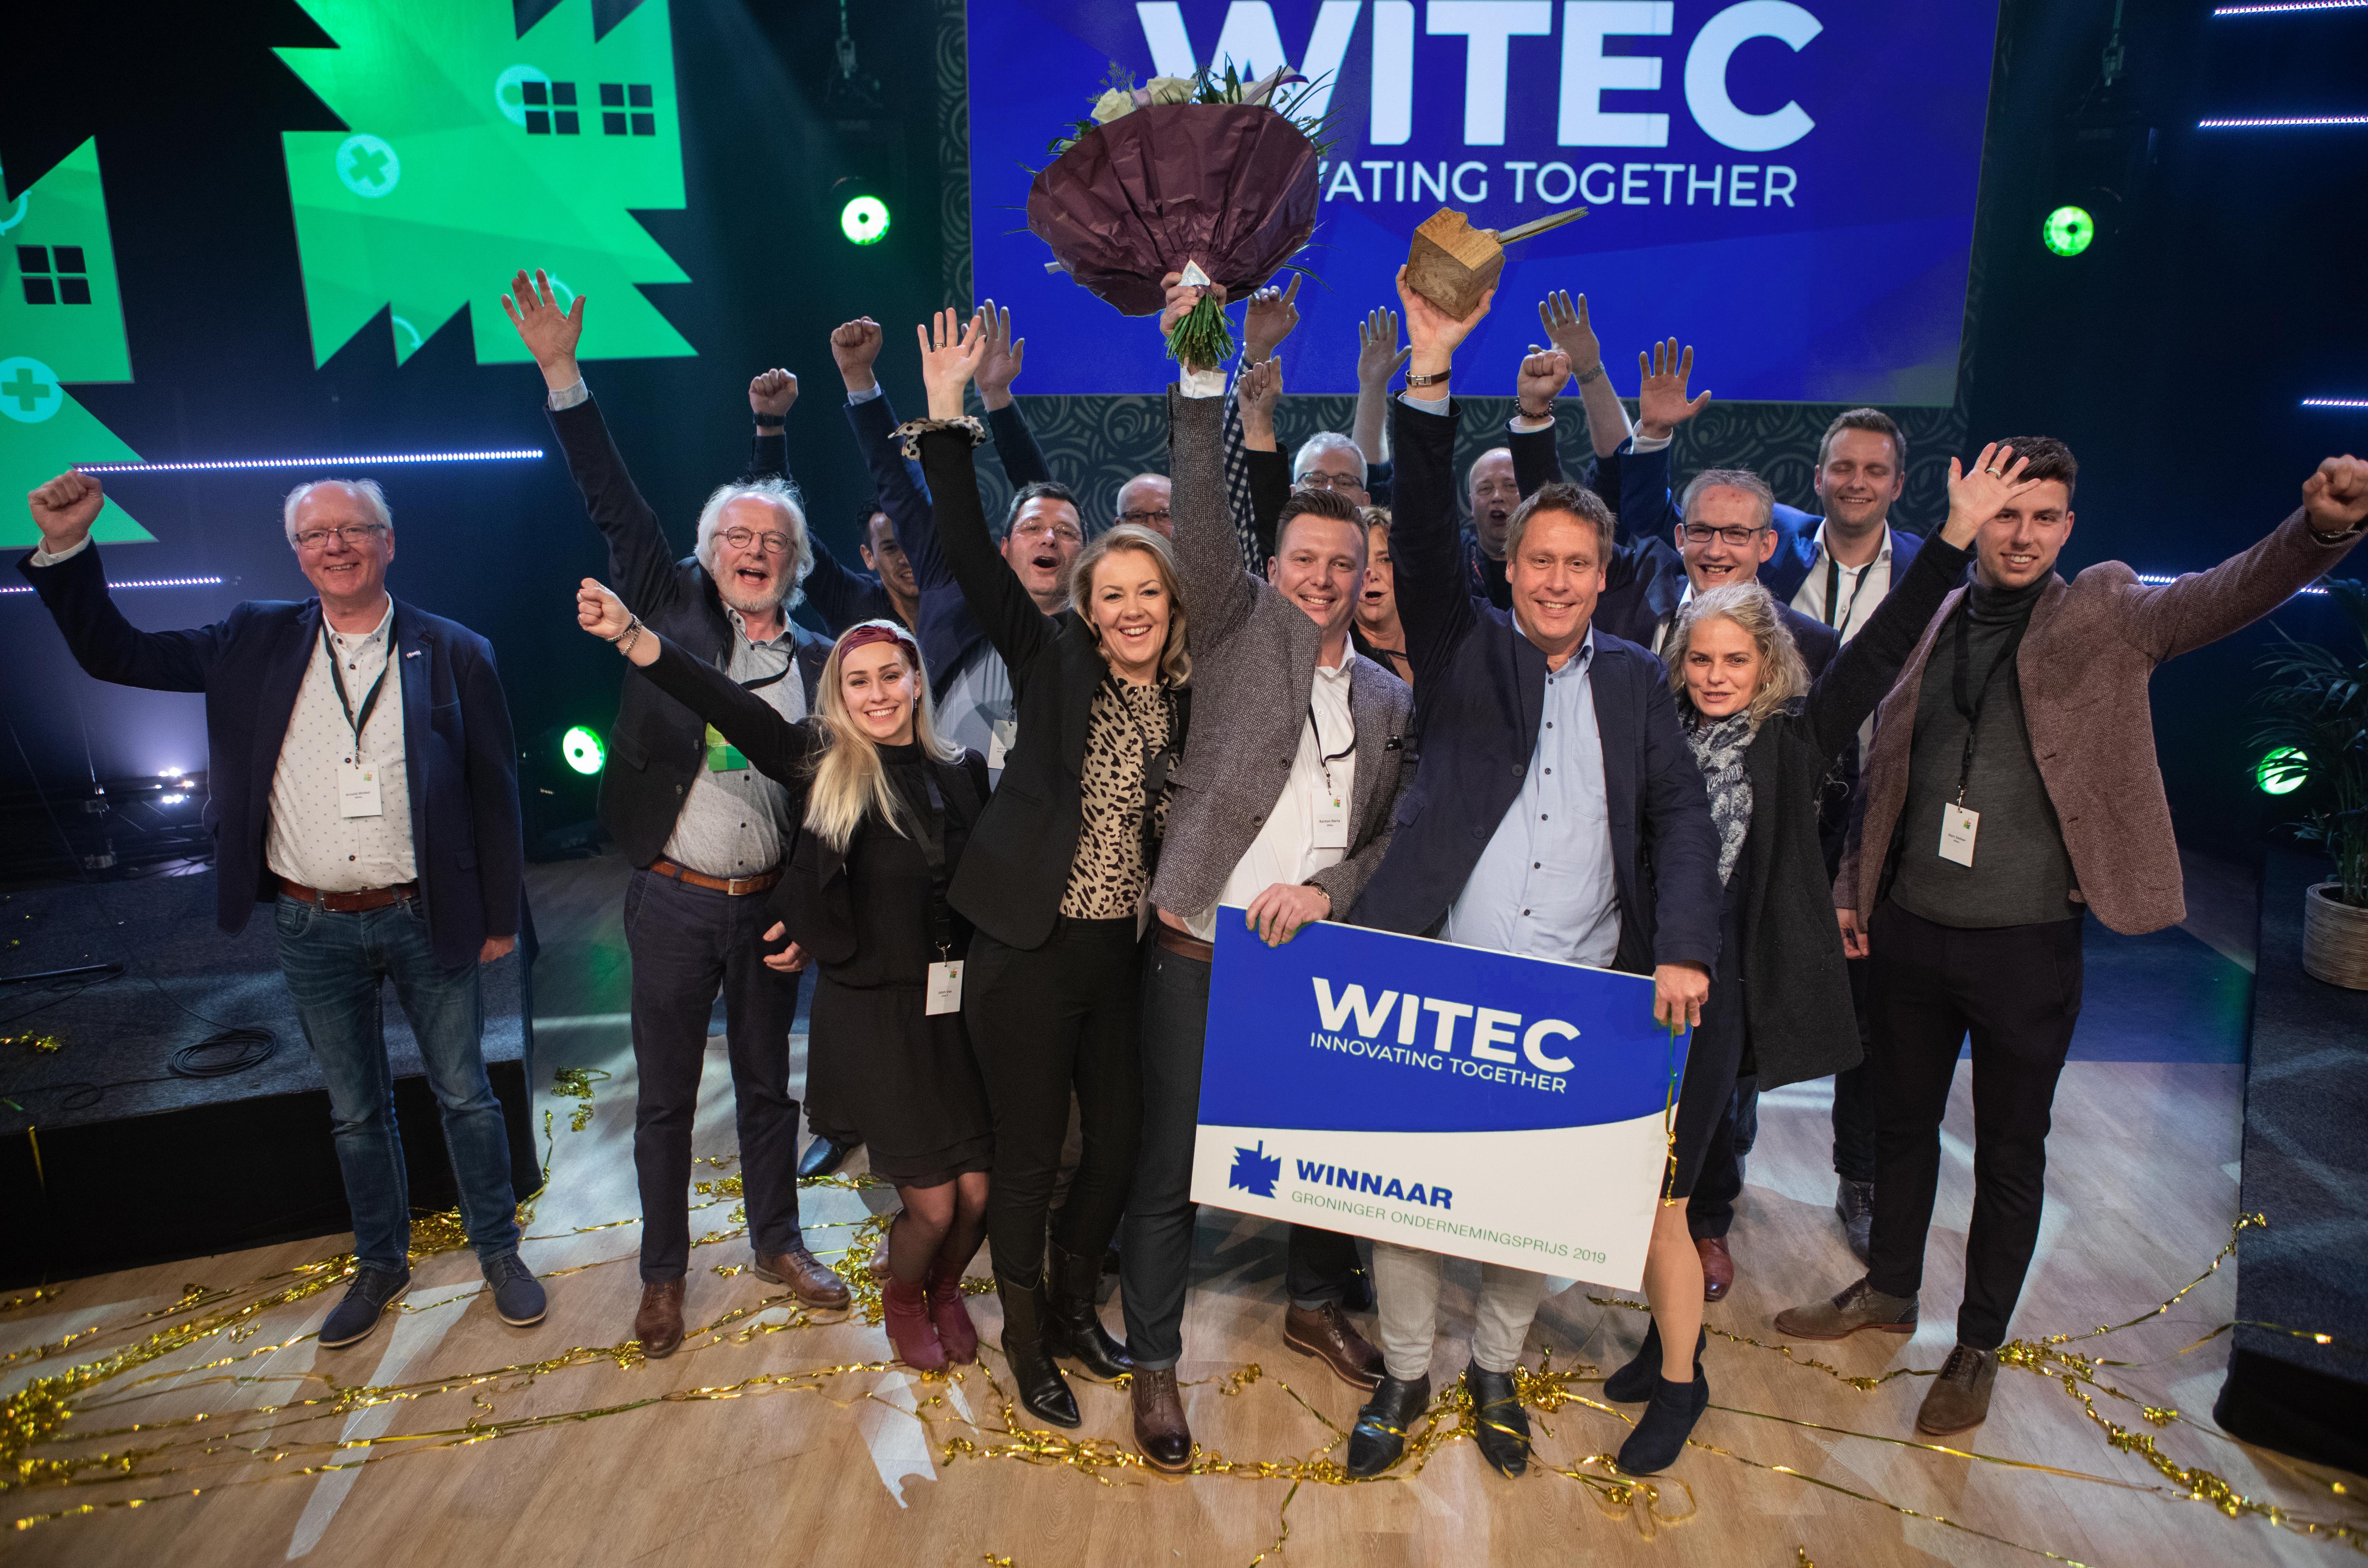 Witec wint Groninger Ondernemerprijs